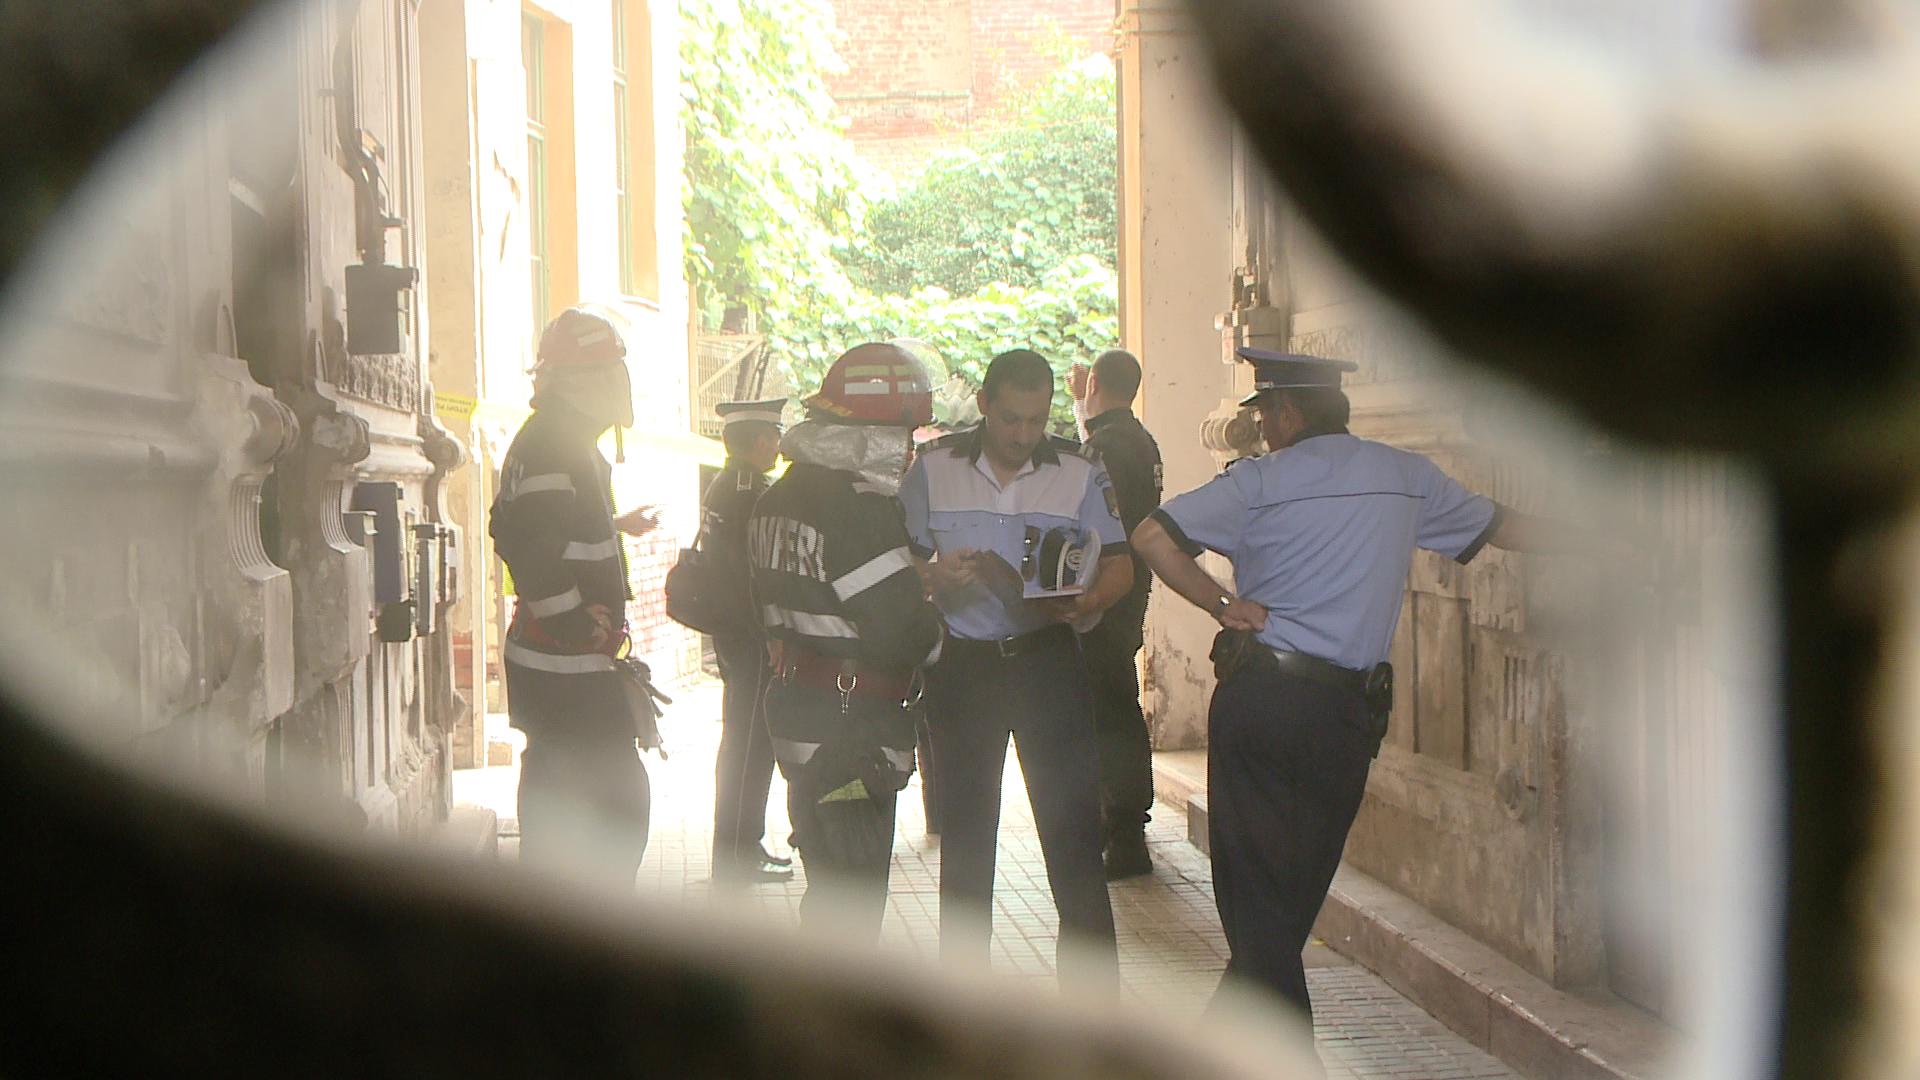 Doua persoane ranite, dupa ce un balcon de la etajul doi s-a prabusit peste altul de la etajul intai